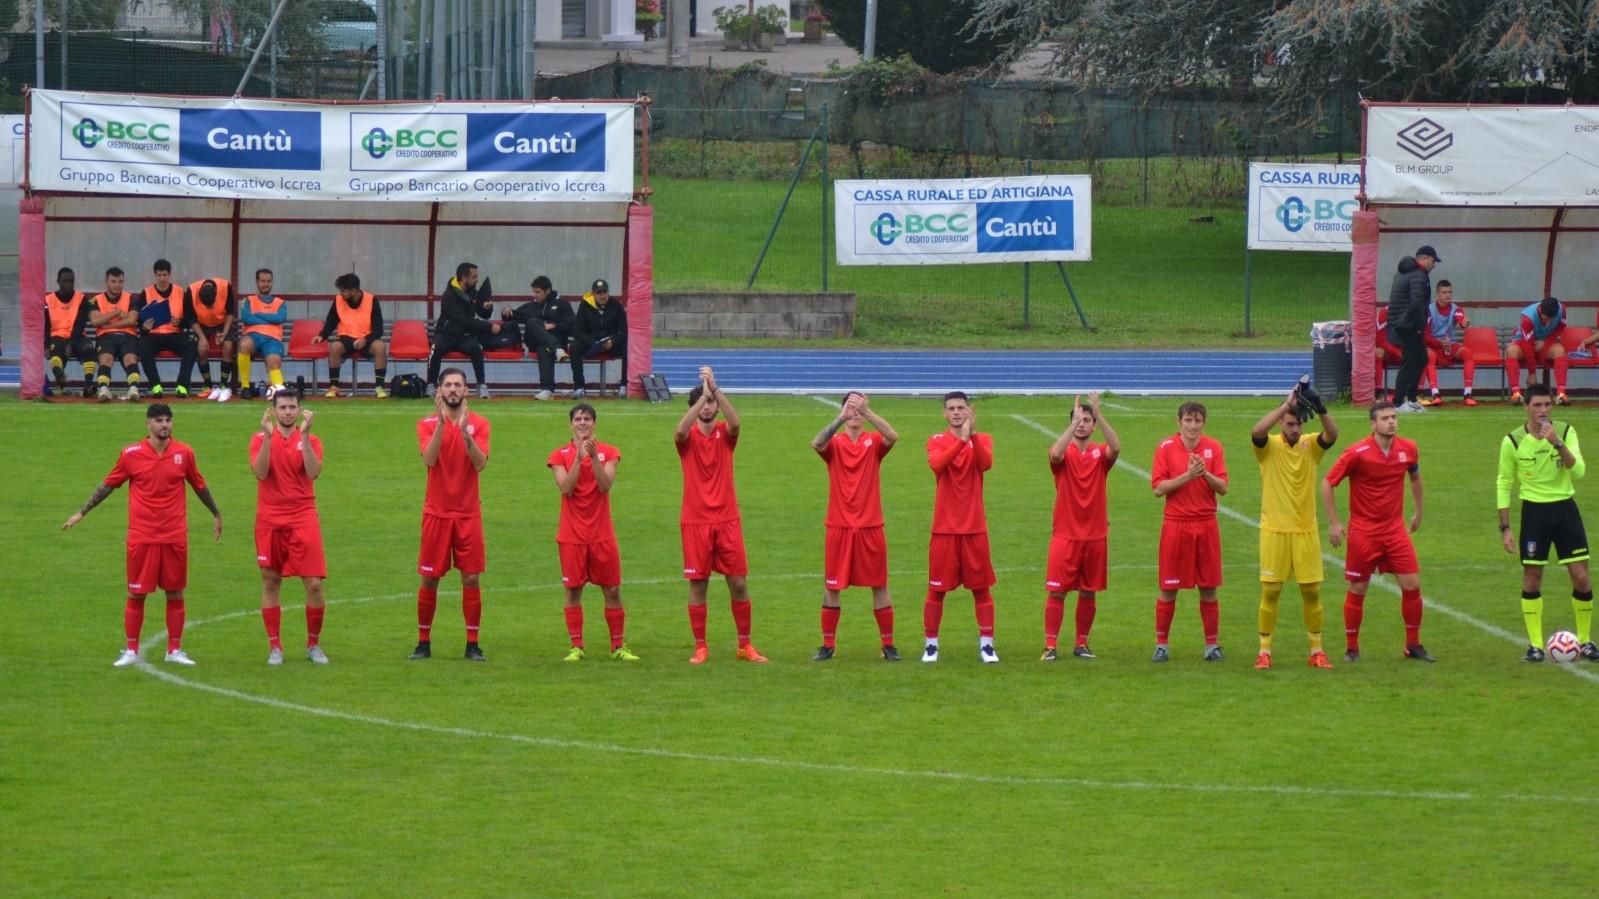 Prima Squadra: Cantù Sanpaolo vs Albate HF 2 – 2